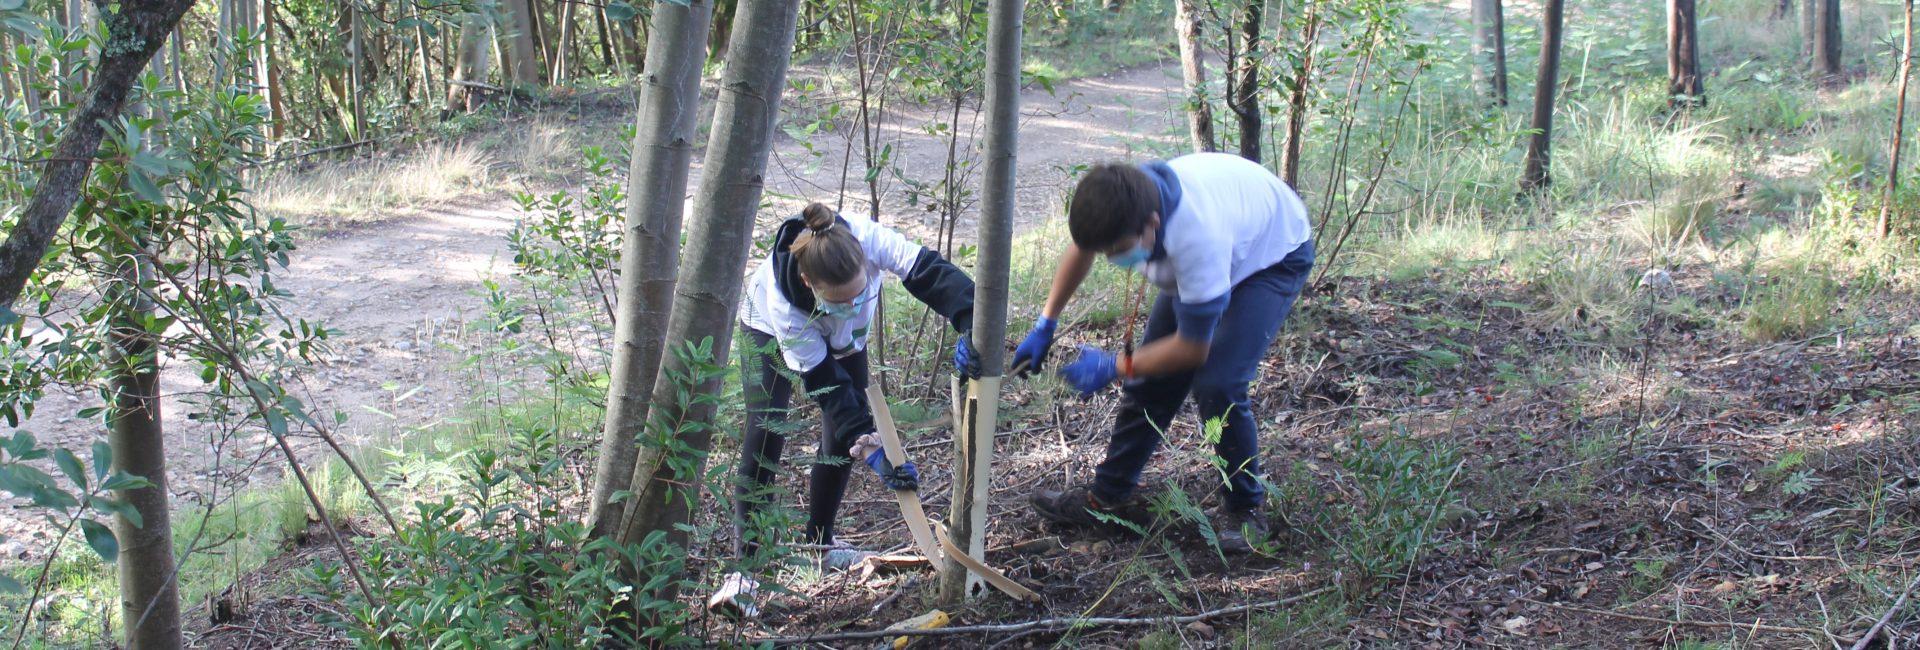 Voluntariado ambiental na Mata do Sobral – nova ação no dia 24 de abril. Inscreva-se!